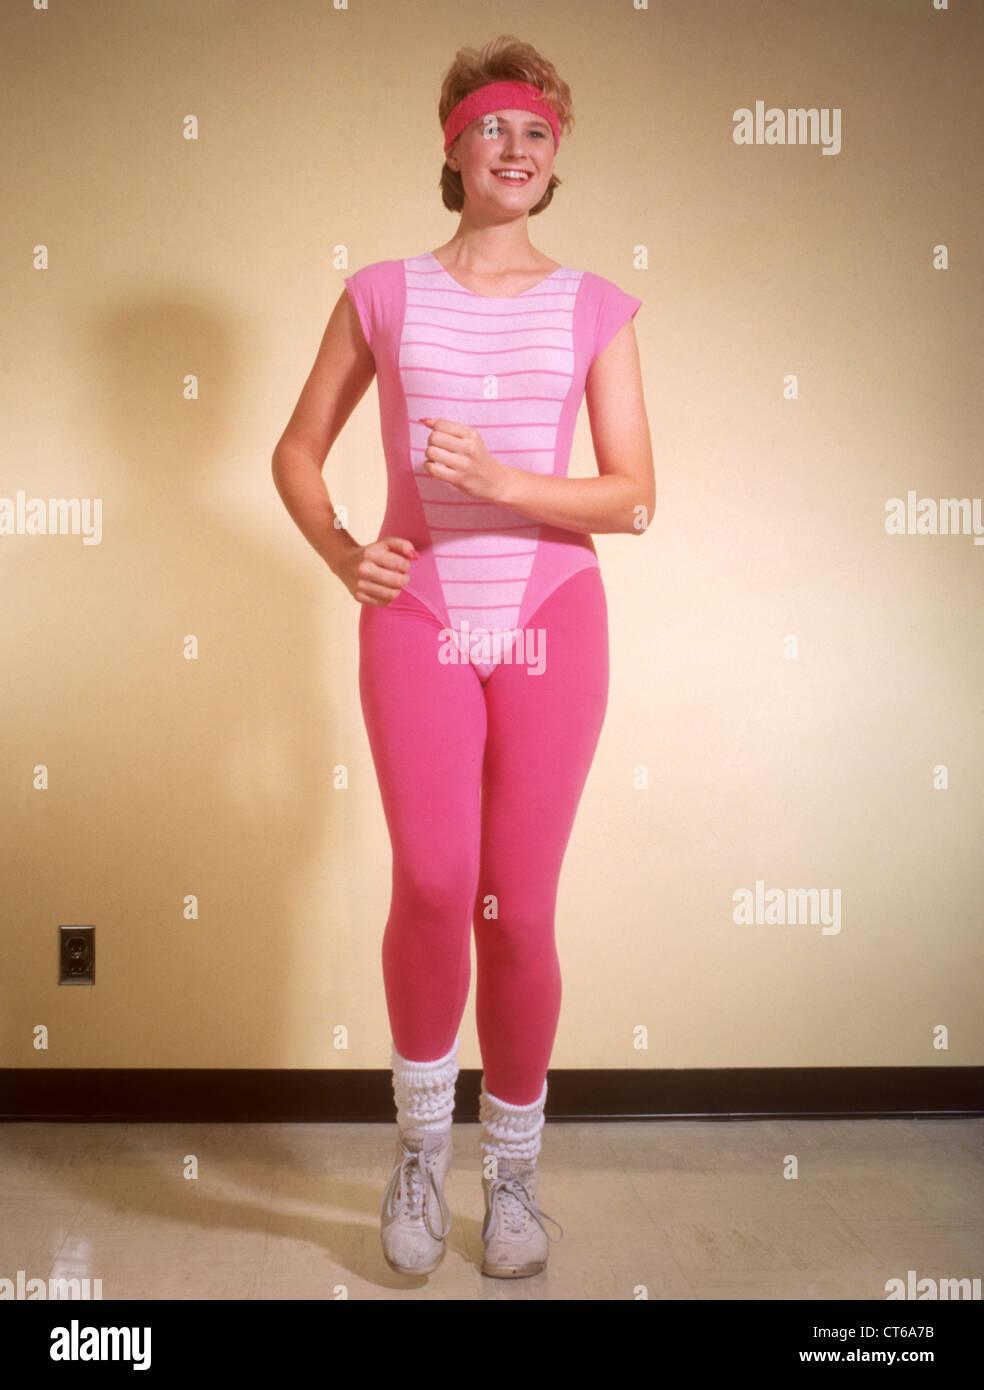 Femme en collant l'exercice au cours des années 1980 Photo Stock